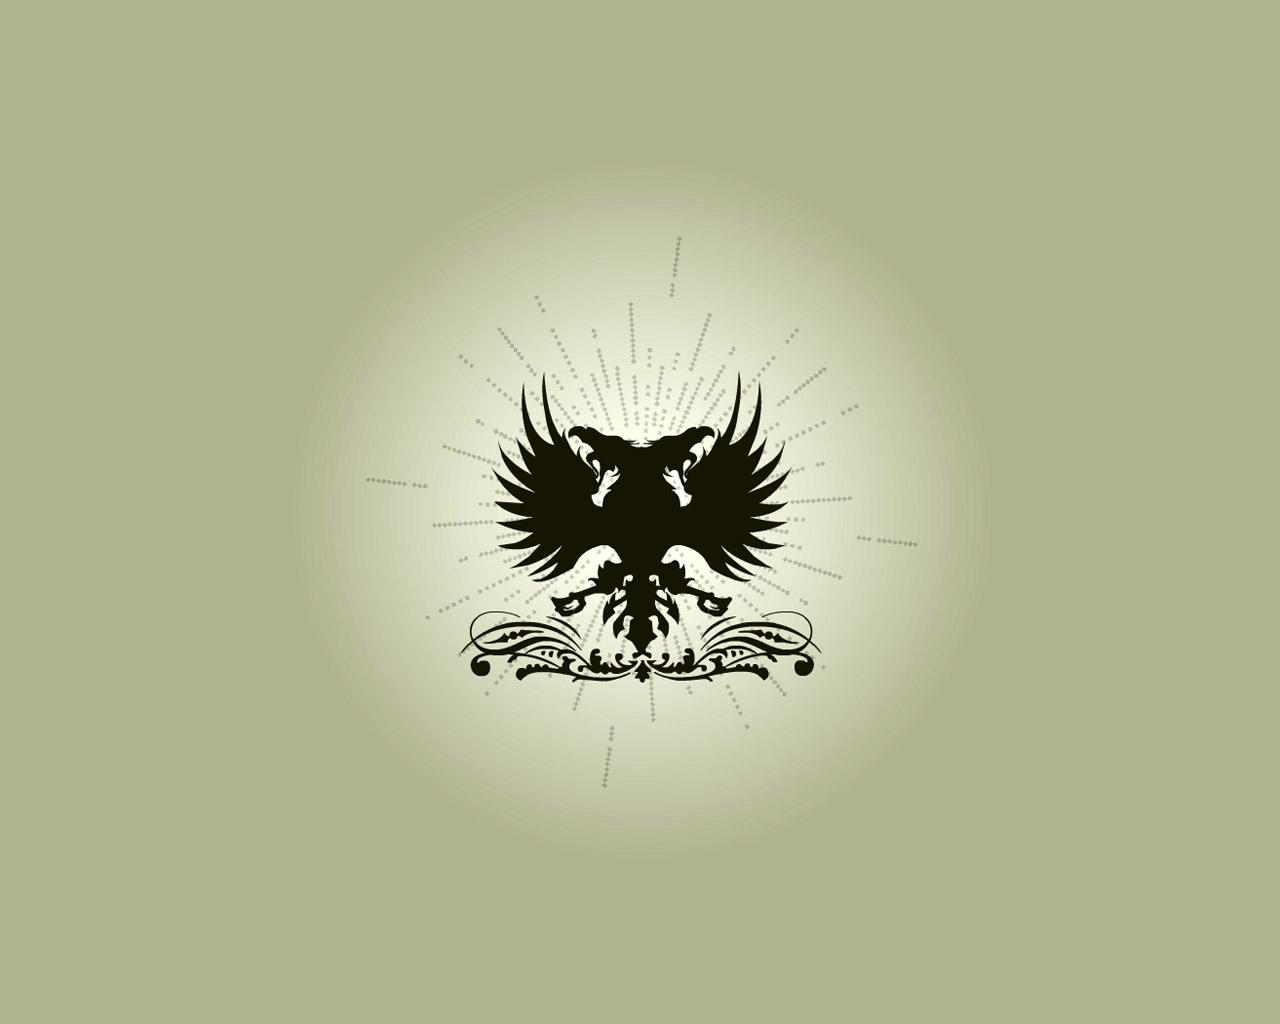 Двуглавый орел обои на рабочий стол 3